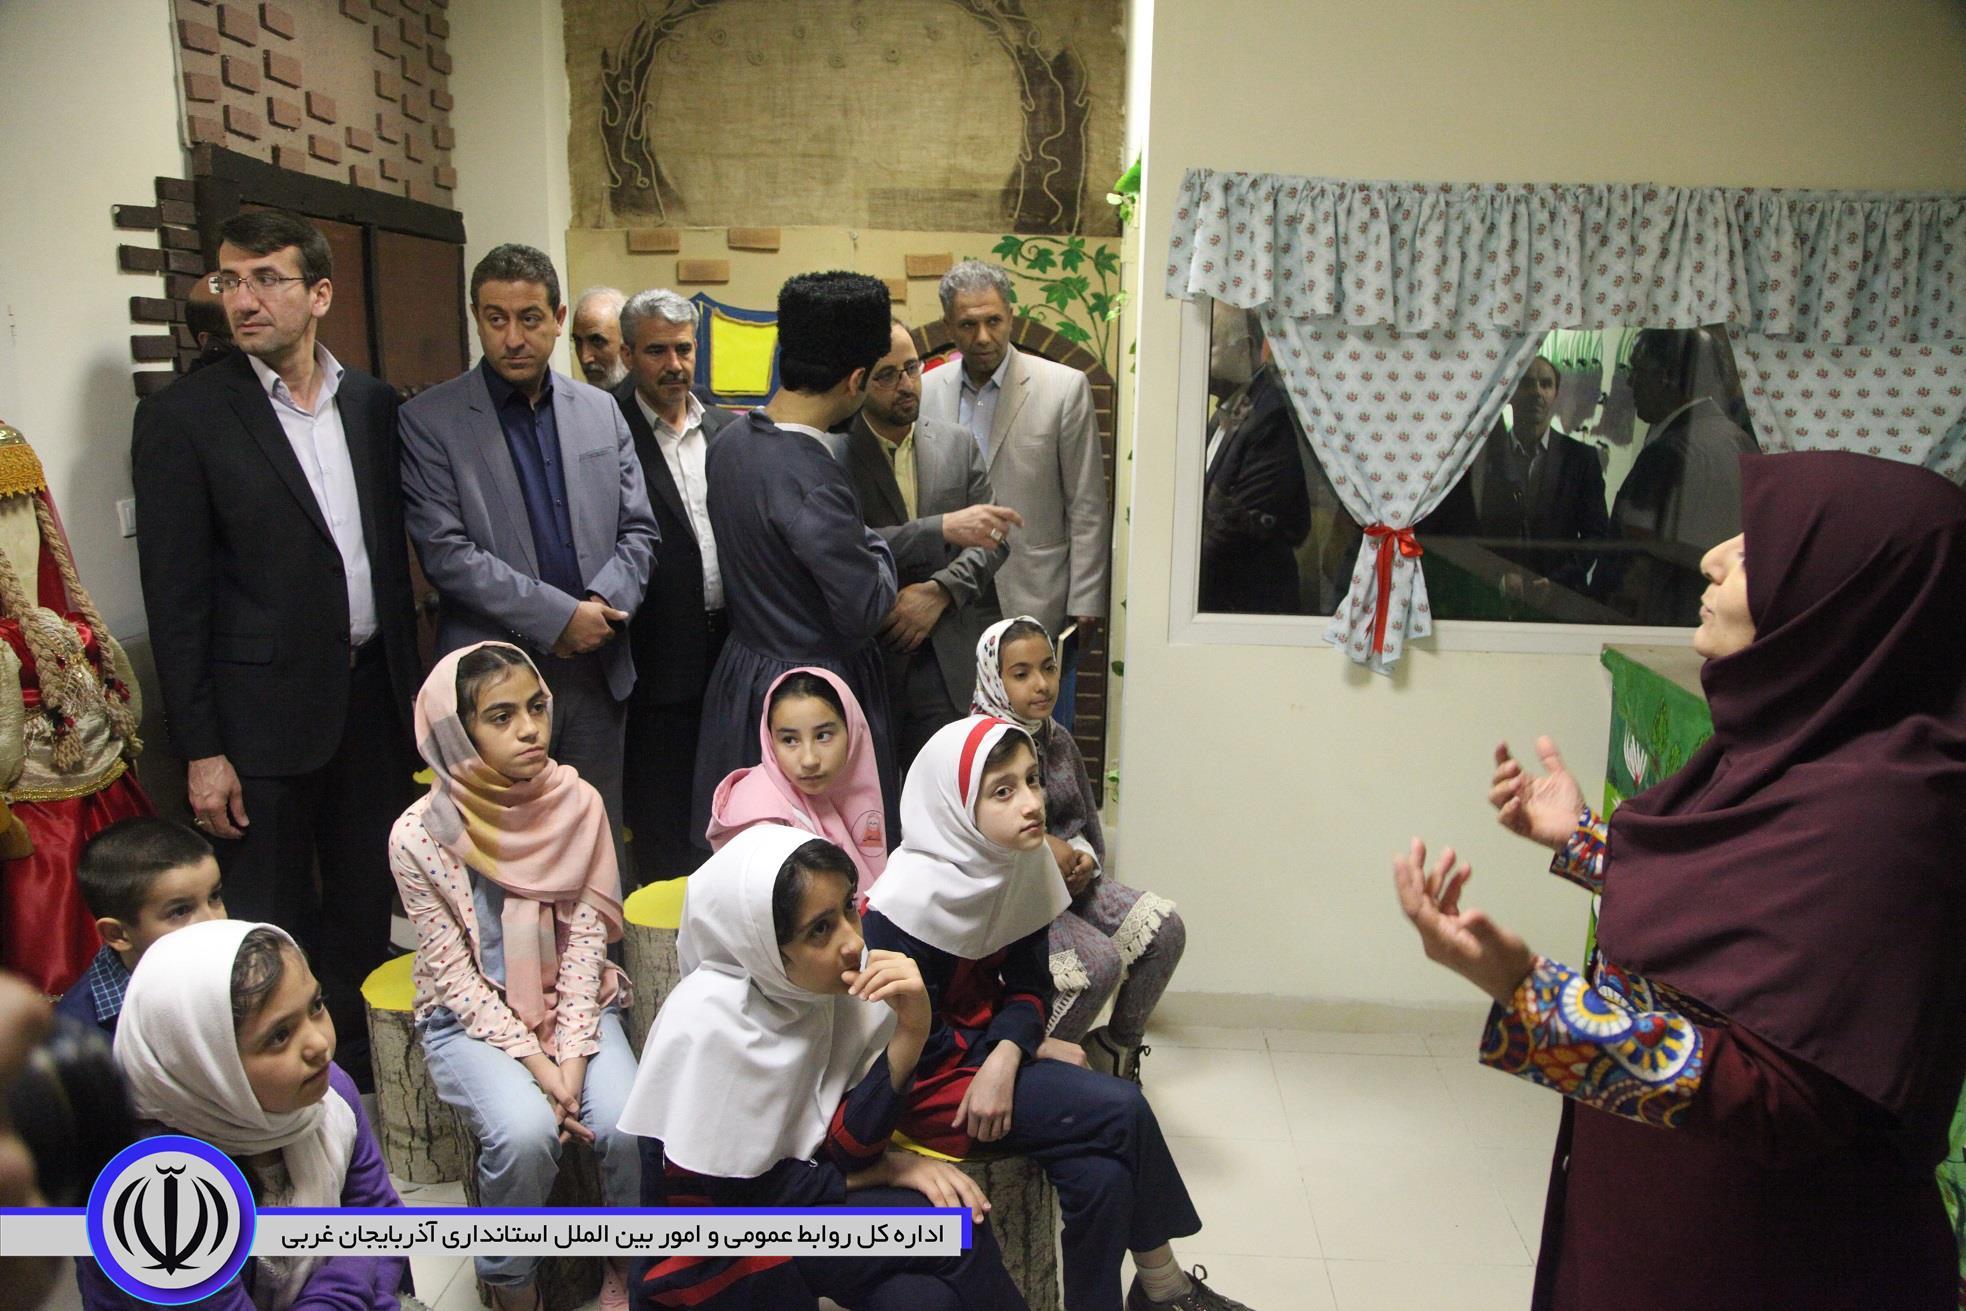 موزه کودک با حضورفاضل نظری مدیرعامل کانون پرورش فکری کودکان و نوجوانان کشوردر ارومیه  افتتاح شد